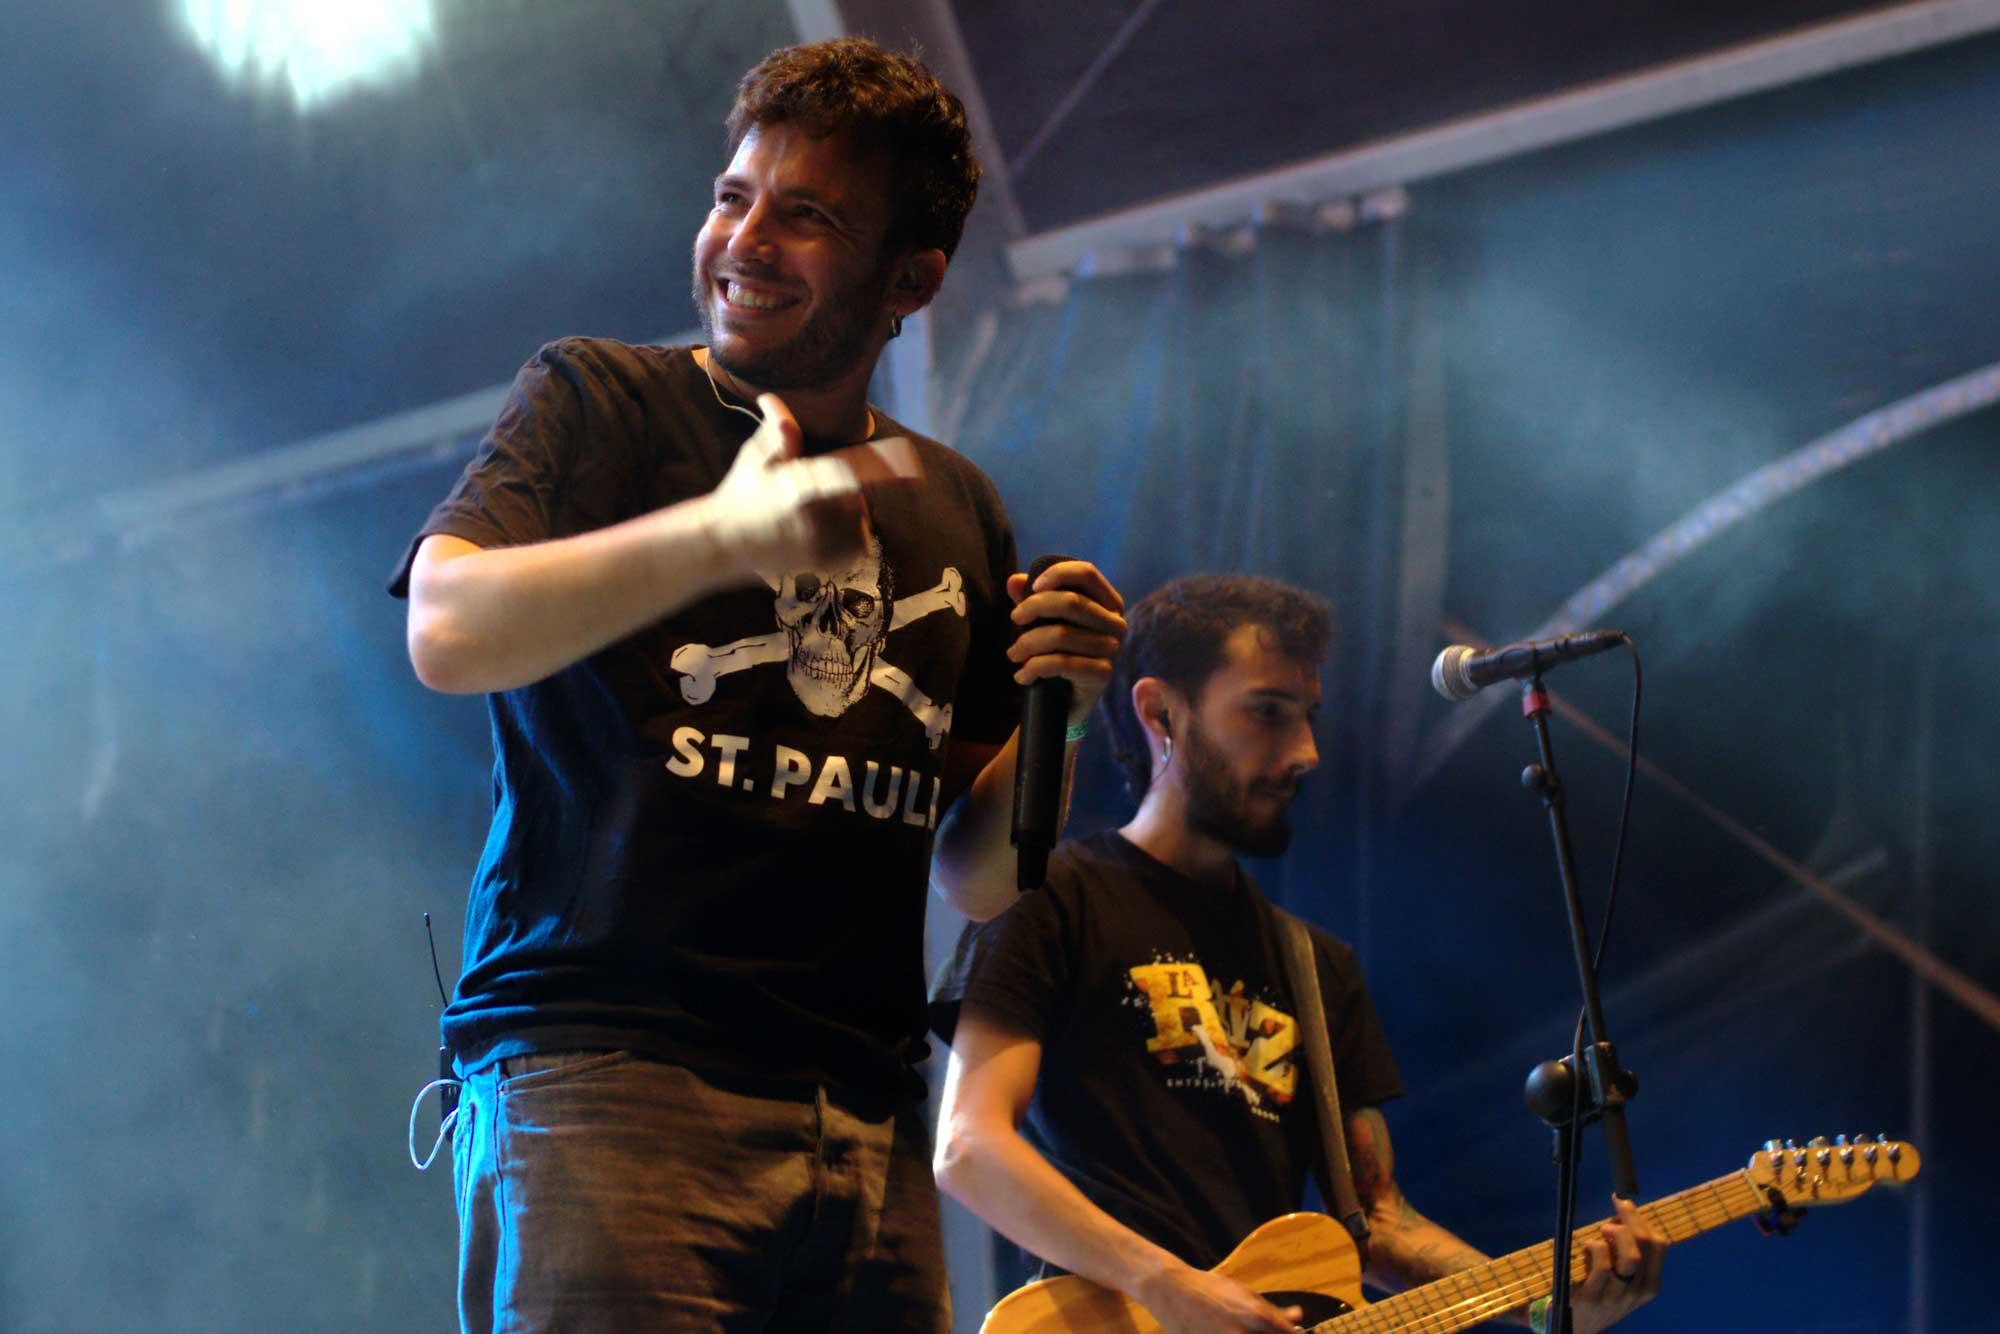 El multitudinari grup La Raíz va oferir un dels concerts més intensos del Canet Rock 2016. Els valencians van actuar ben entrada la nit, a les 3 de la matinada.